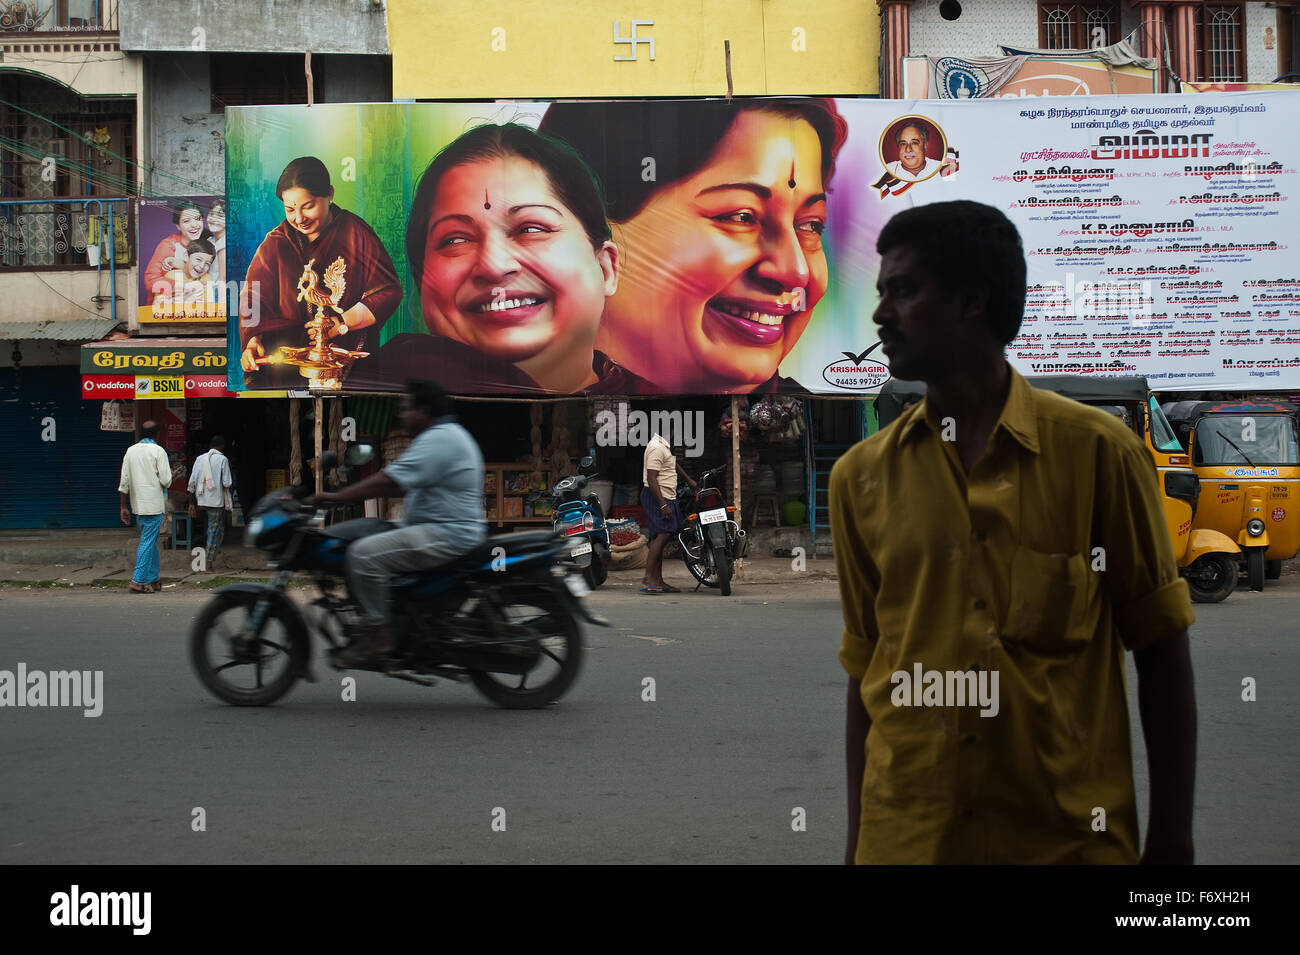 Billboard representando Jayalalithaa, una mujer político indio, en el momento de una elección ( India) Imagen De Stock